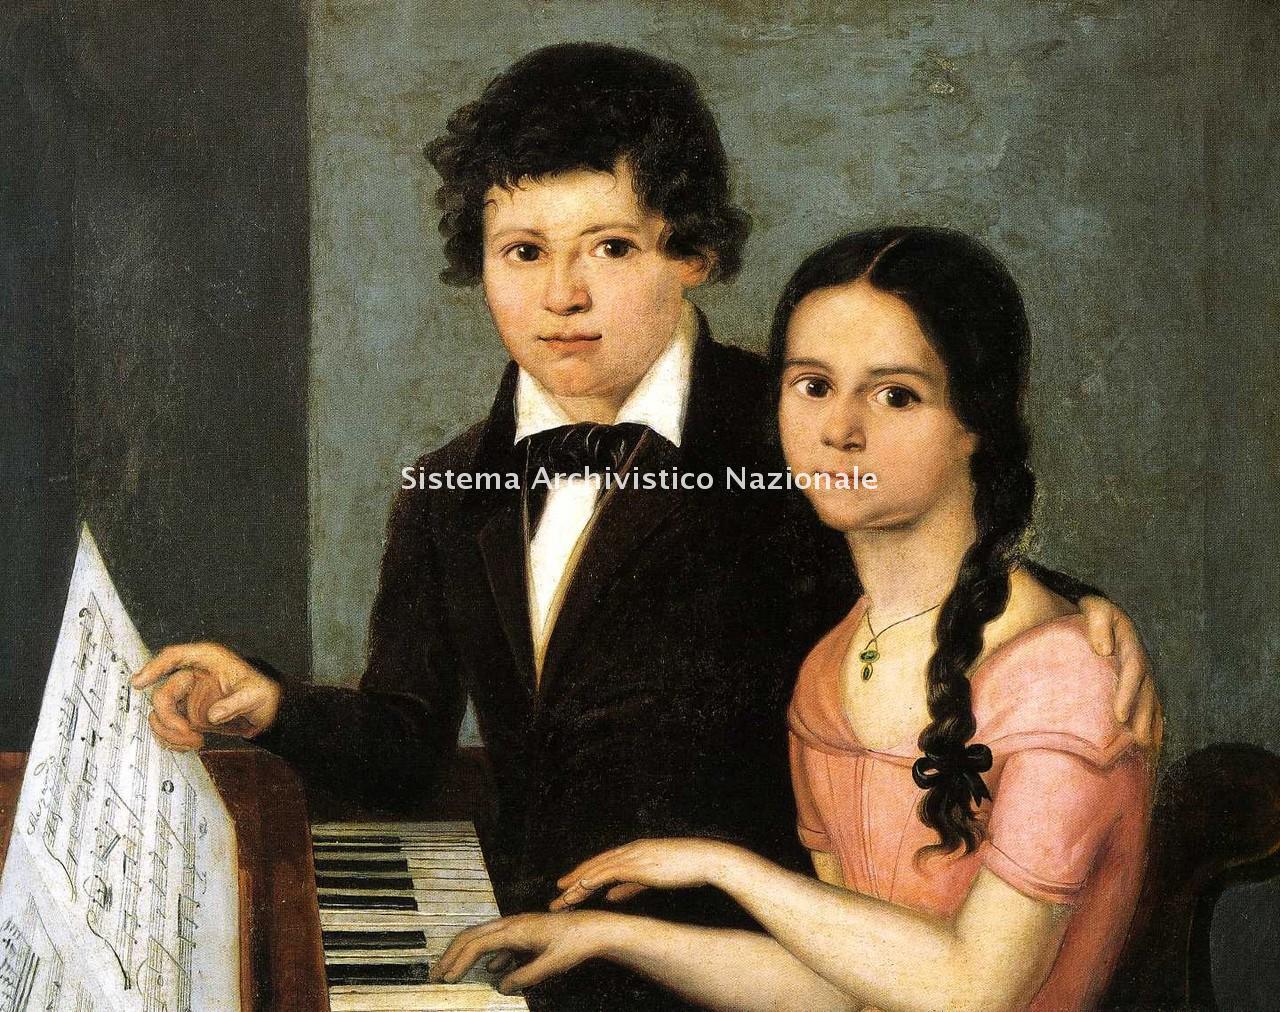 Ritratto di Francesco Podesti raffigurante Giuseppe Verdi adolescente che impartisce lezioni di musica alla marchesina Zaccaria, sec. XIX prima metà (Collezione privata)